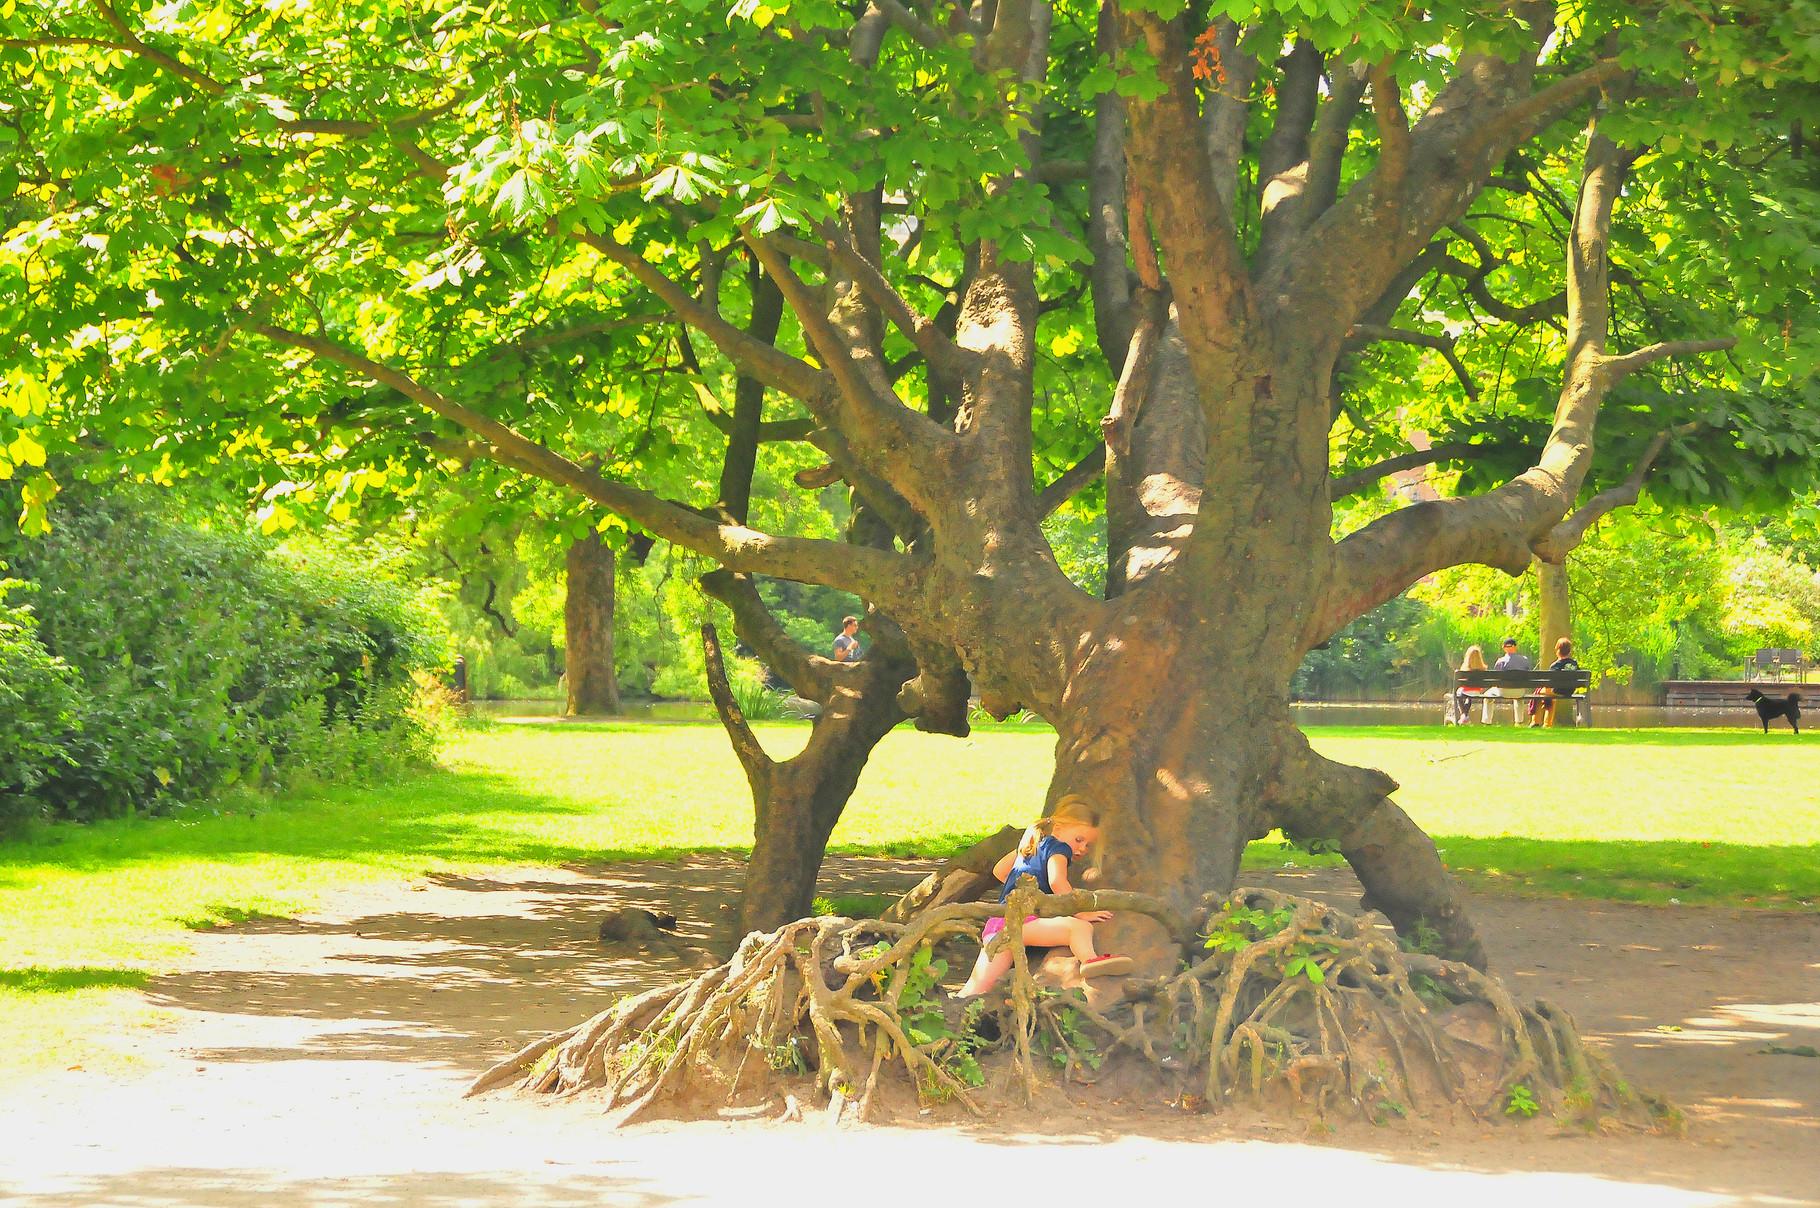 109 Little Tree Hugger